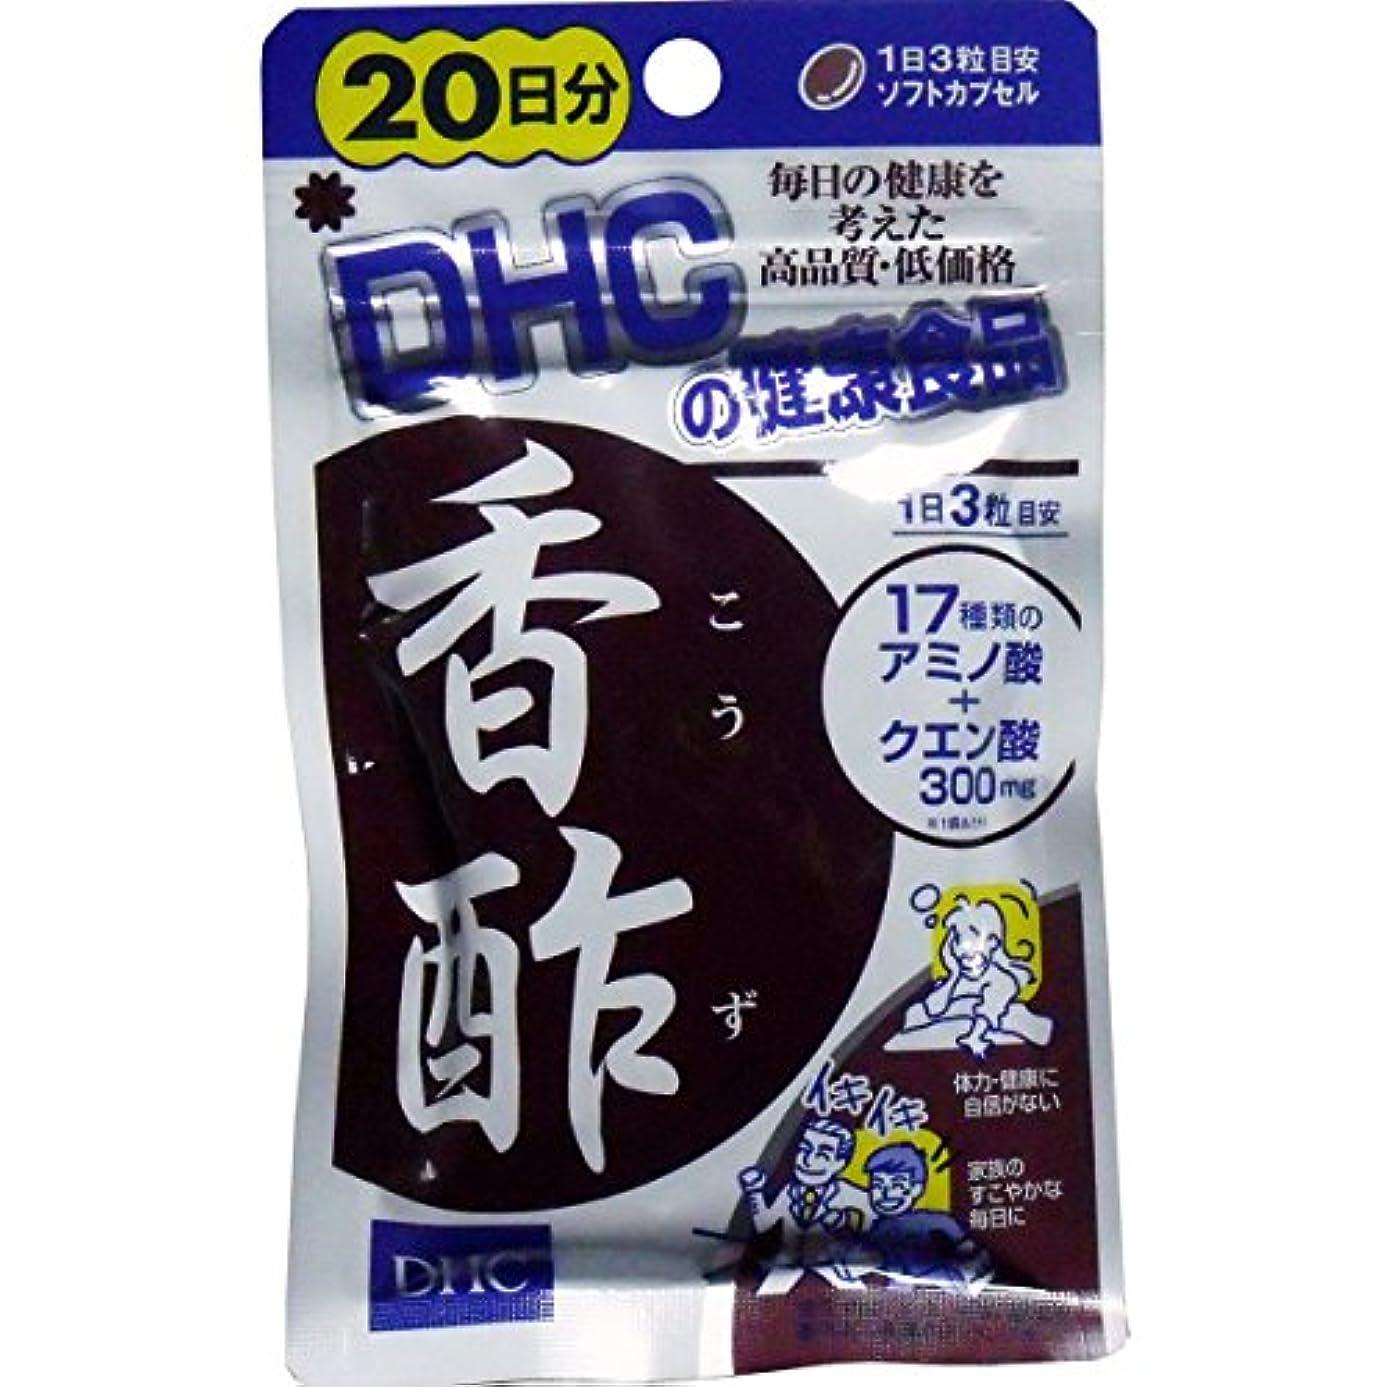 劇作家全体に冒険者DHC香酢20日分 60粒【3個セット】